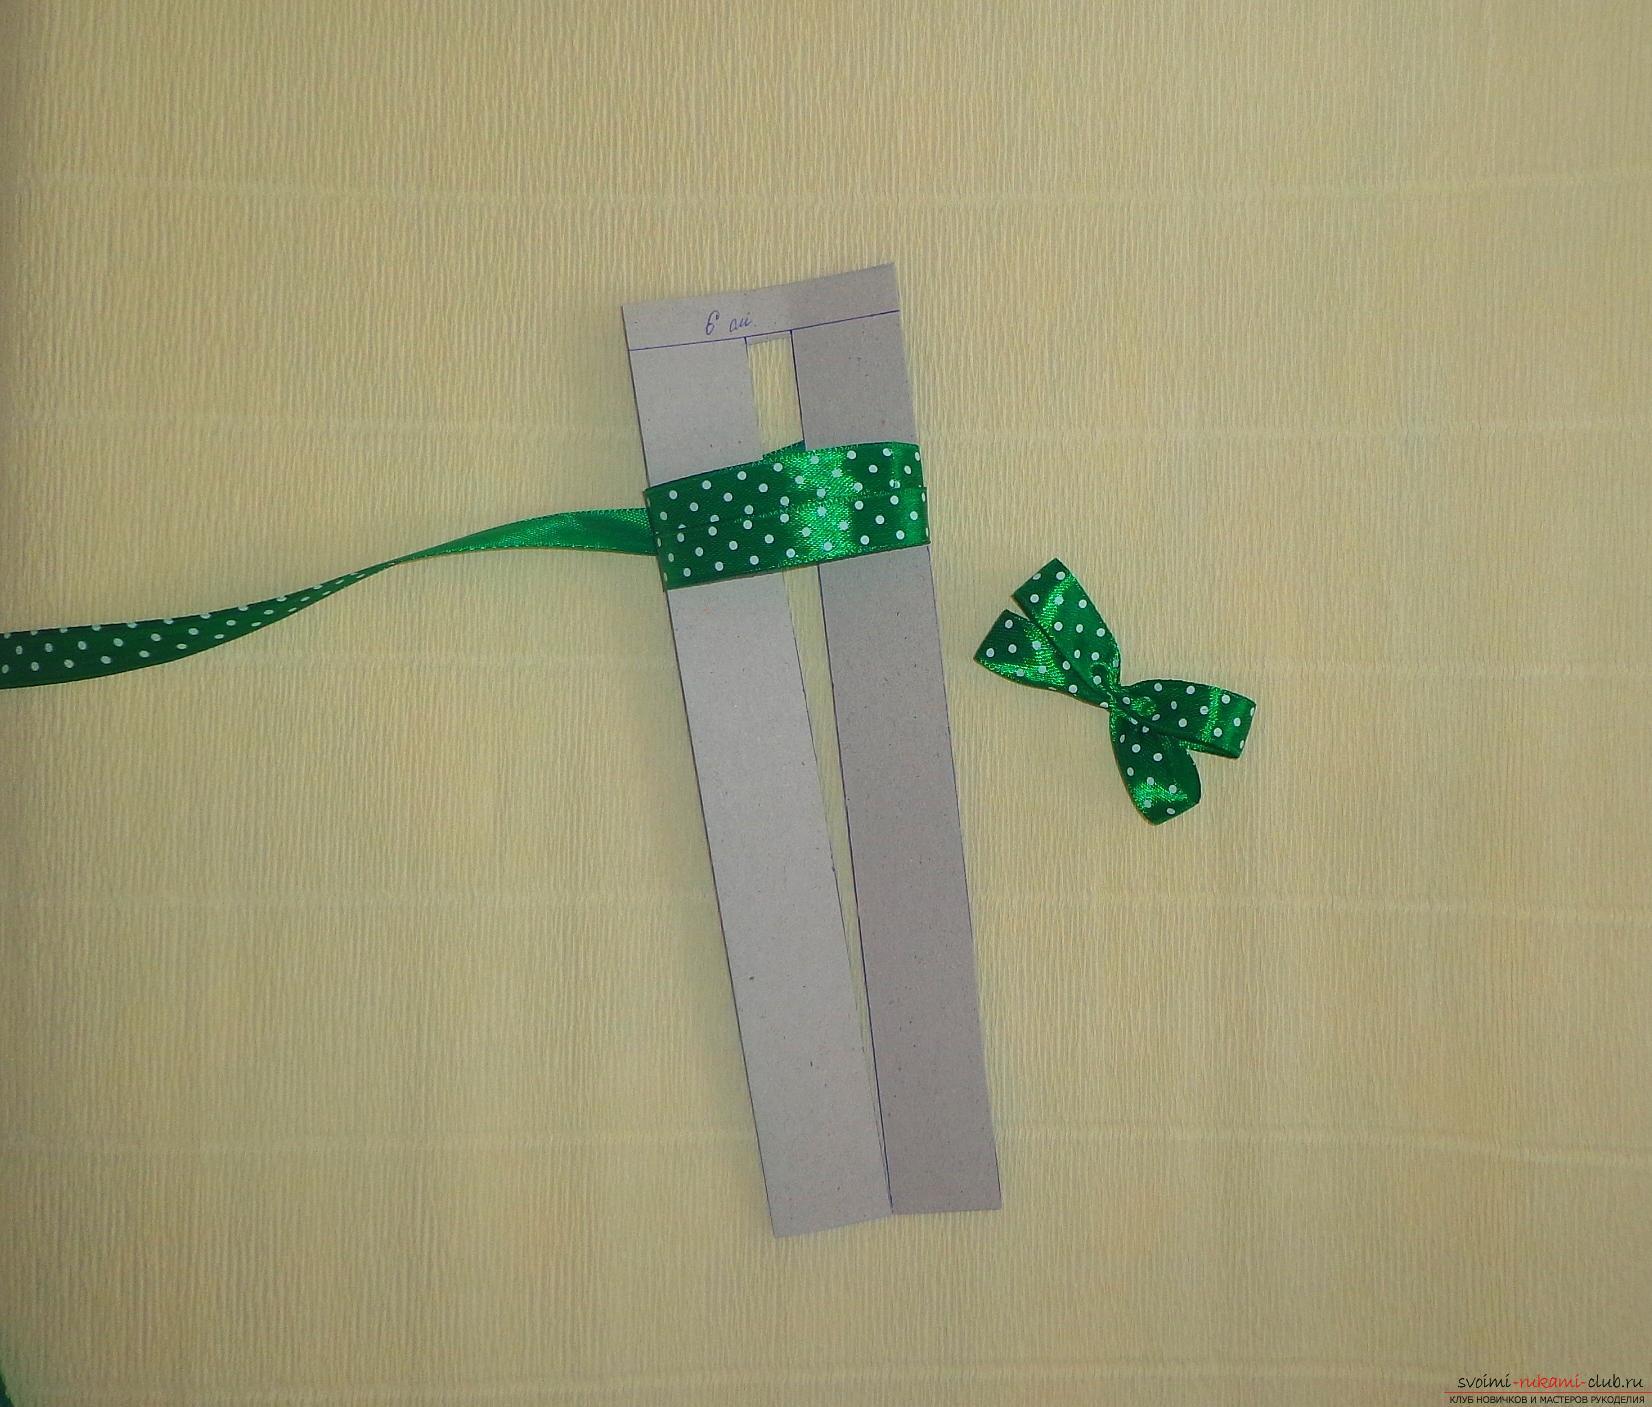 Этот мастер-класс содержит уроки вязания крючком и описательные схемы создания игрушки для детей -